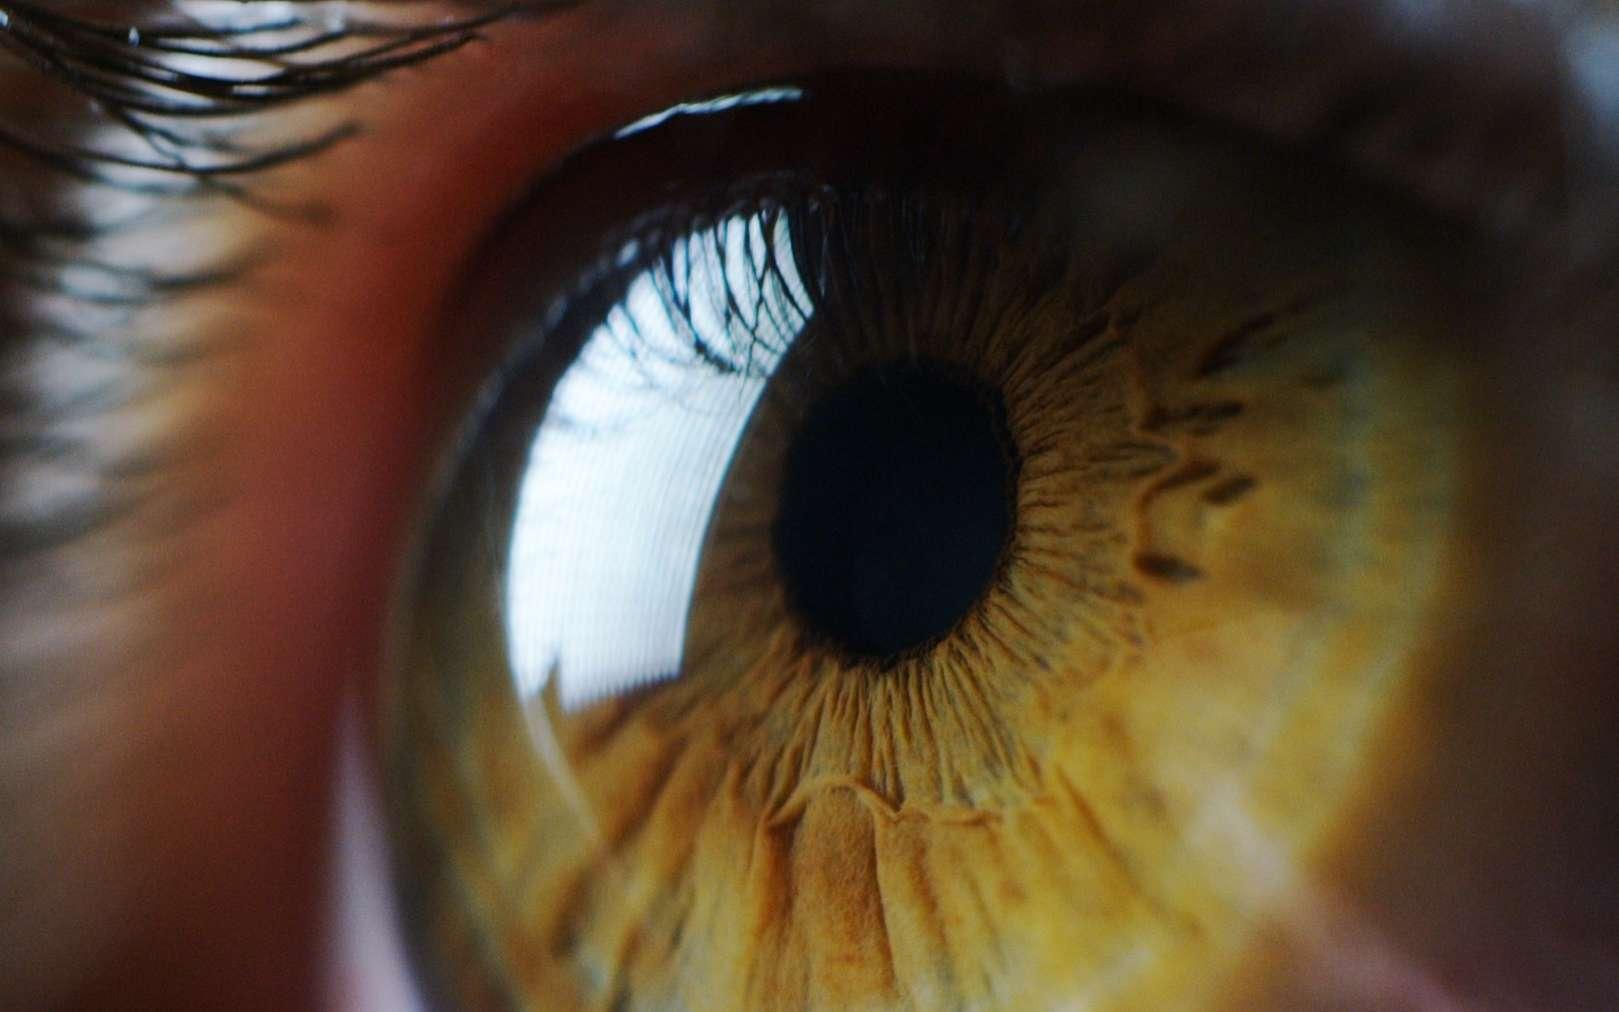 Un patient aveugle soigné par la thérapie optogénétique. © HQUALITY, Adobe Stock